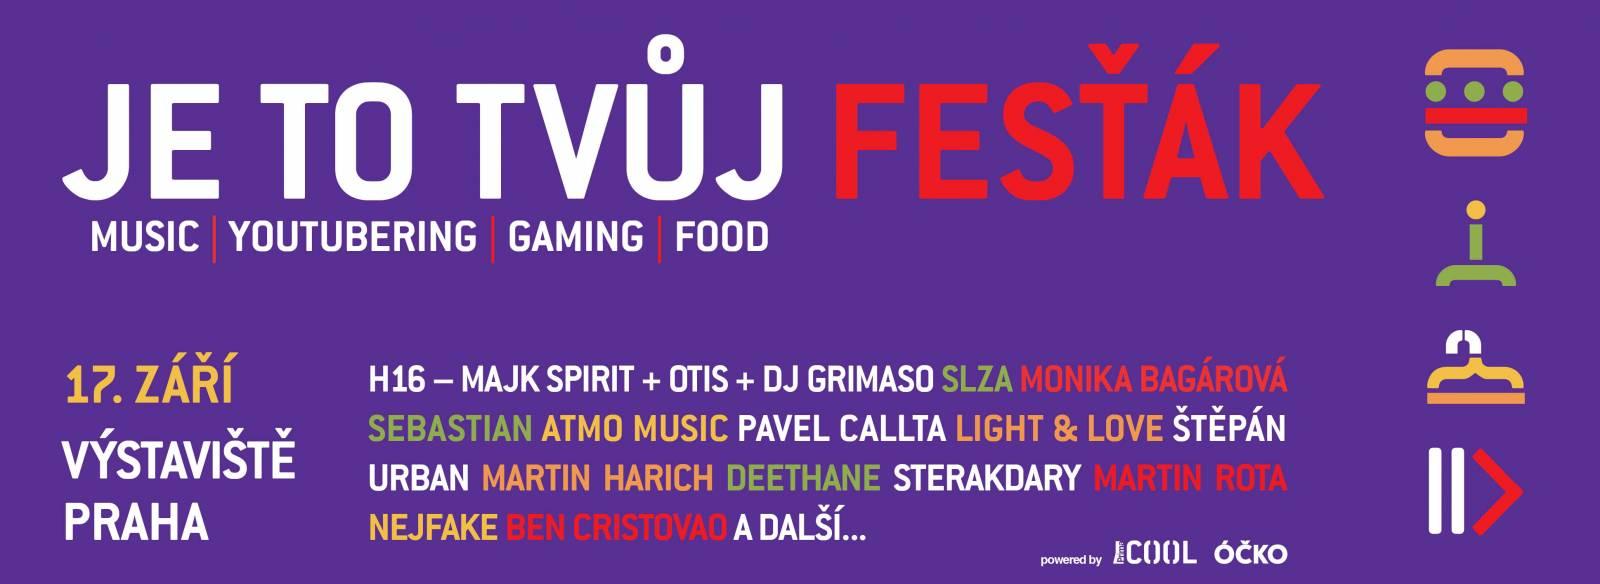 Užijte si babí léto: Na pražský Vodafone You Fest míří Majk Spirit, Sebastian i YouTubeři